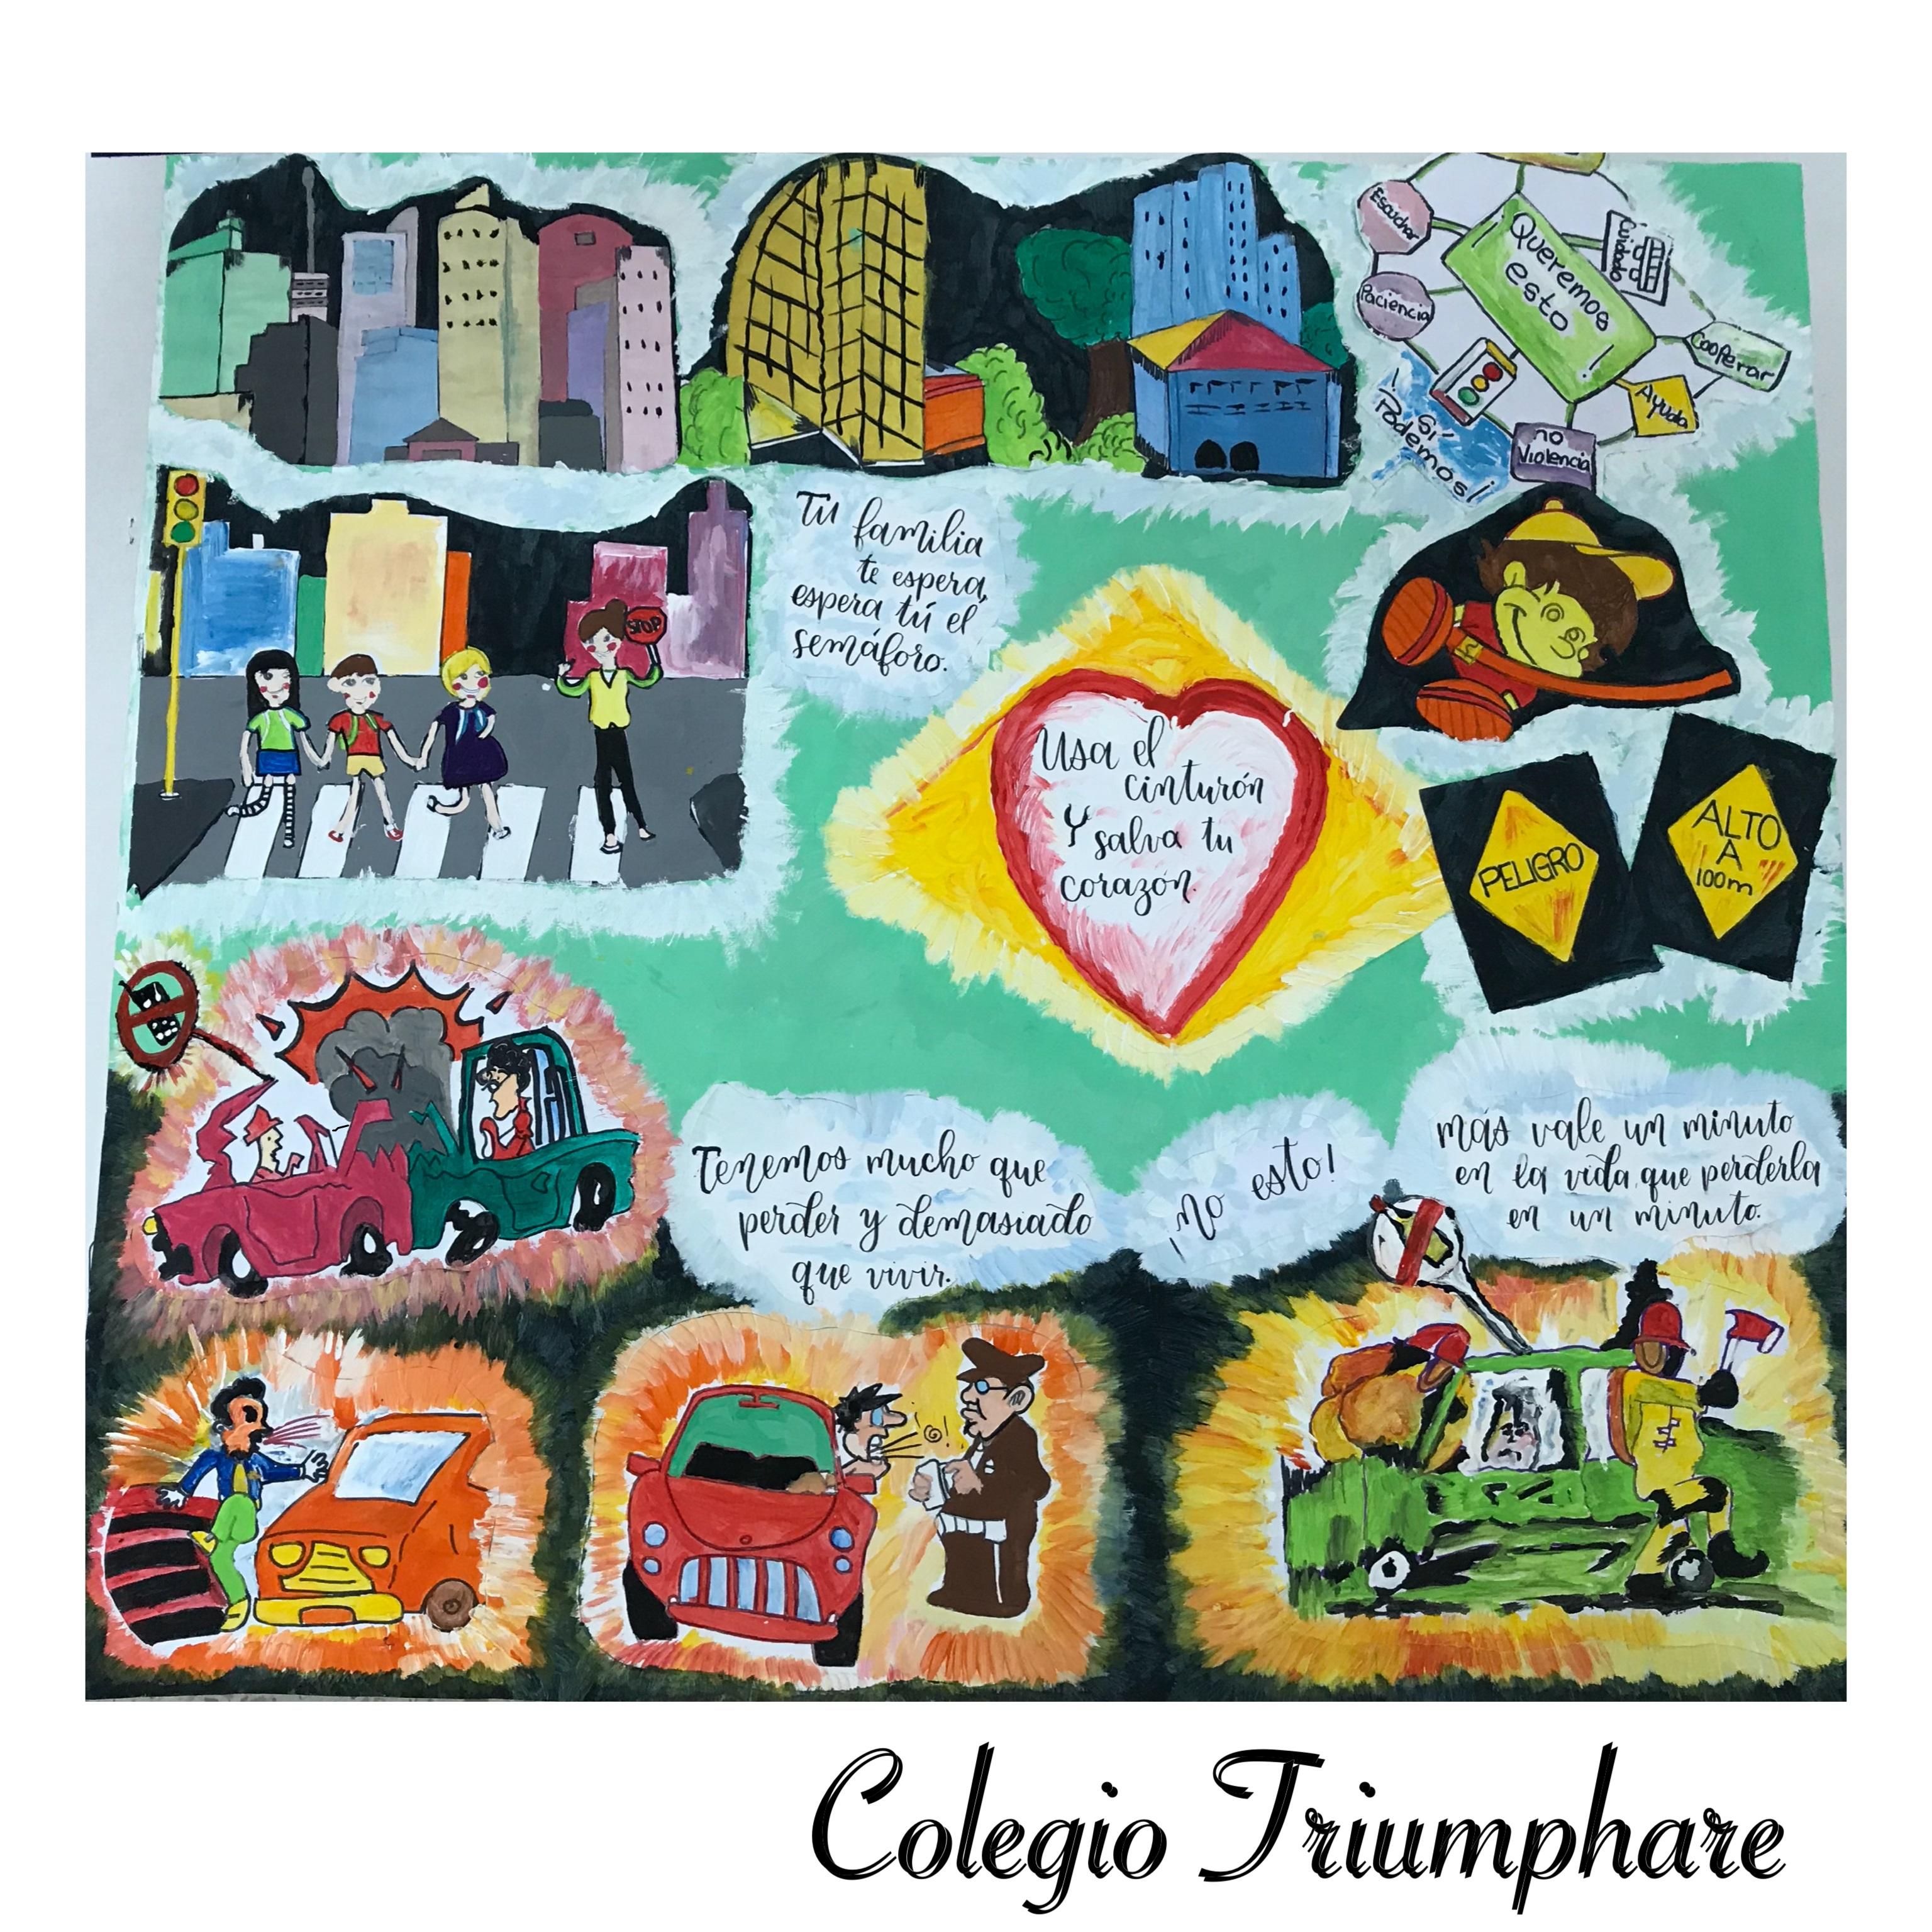 Colegio Triumphare